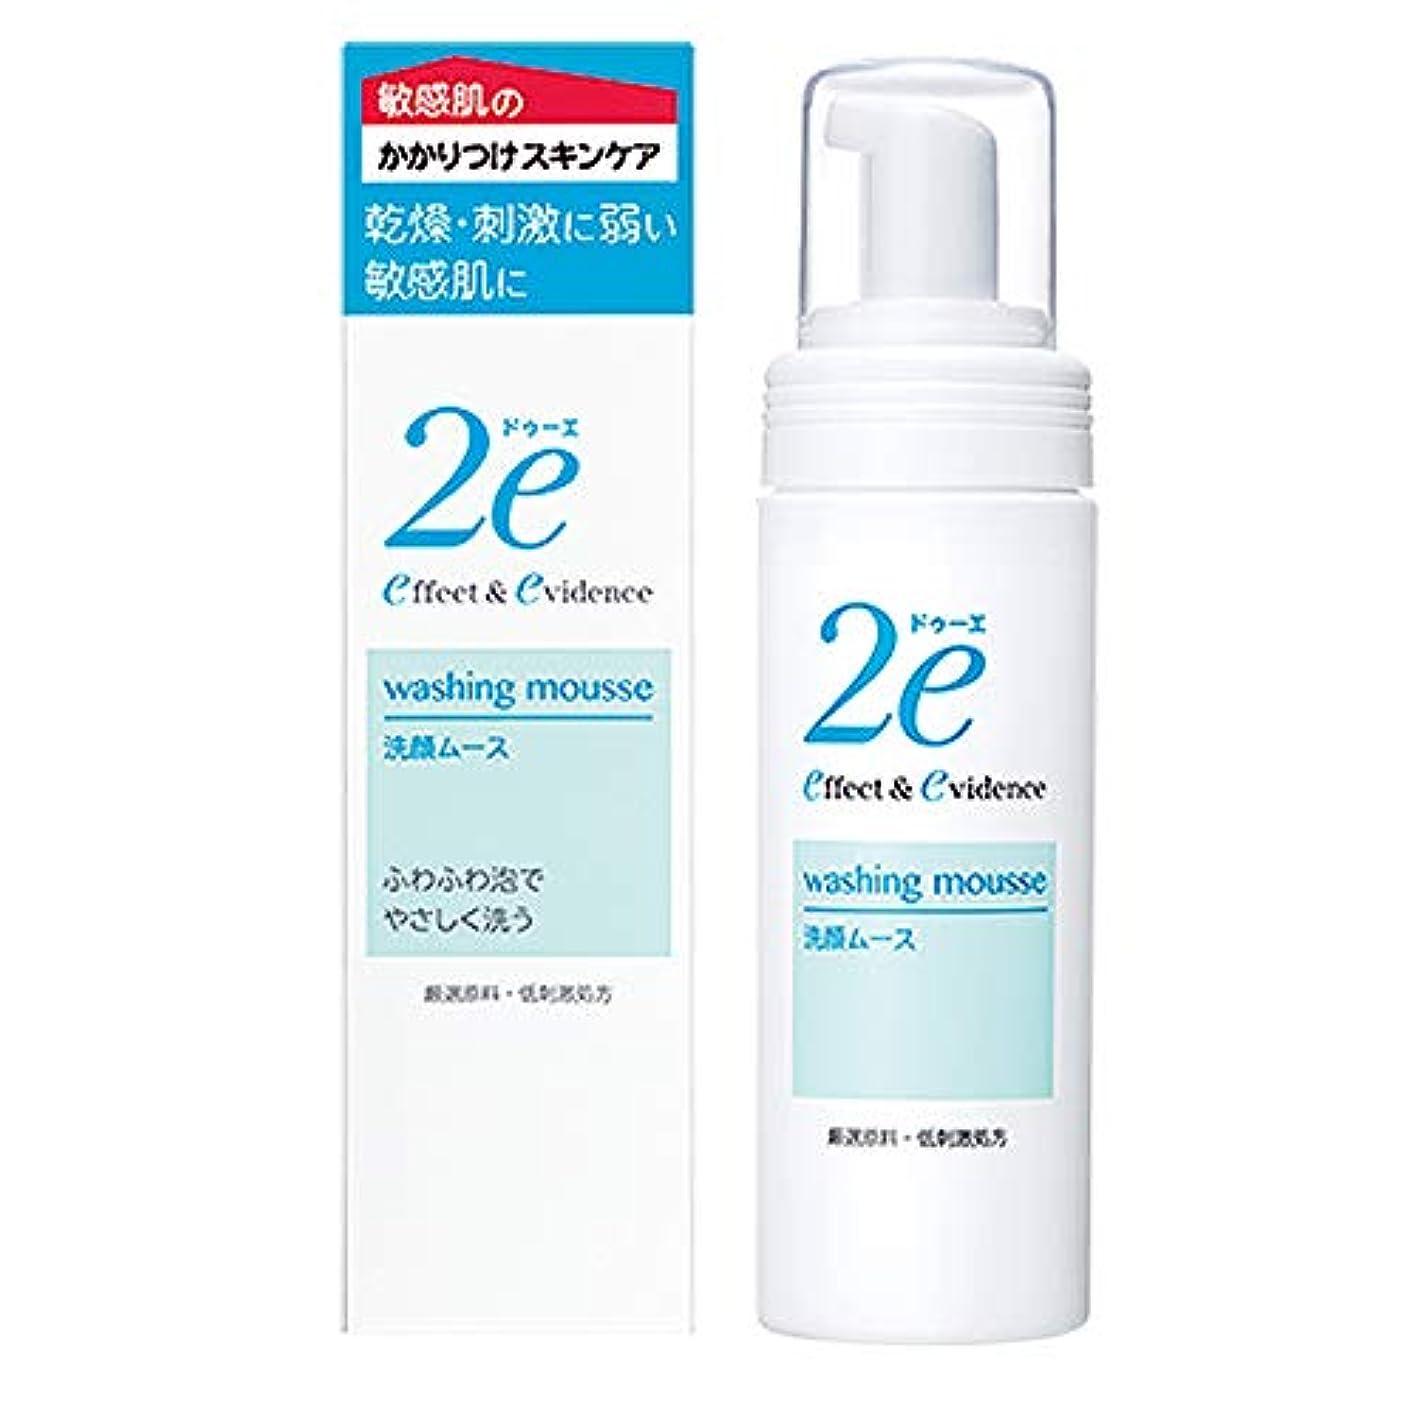 鎮静剤望遠鏡沼地2e(ドゥーエ) 洗顔ムース 敏感肌用洗顔料 低刺激処方 泡で出てくるポンプタイプ 120ml